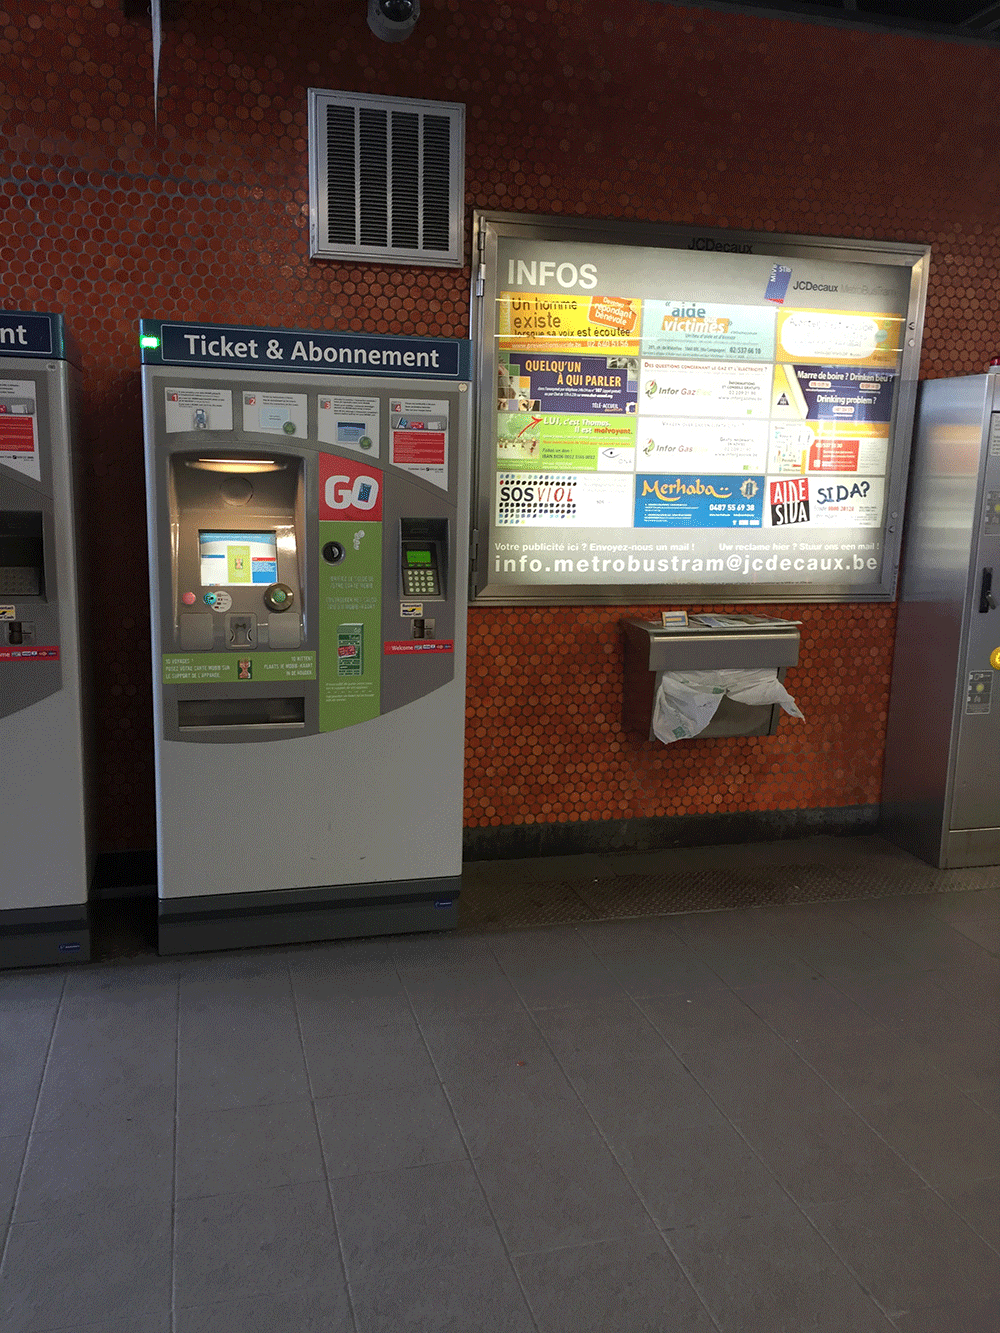 Günlük bilet alınabilen makinalar